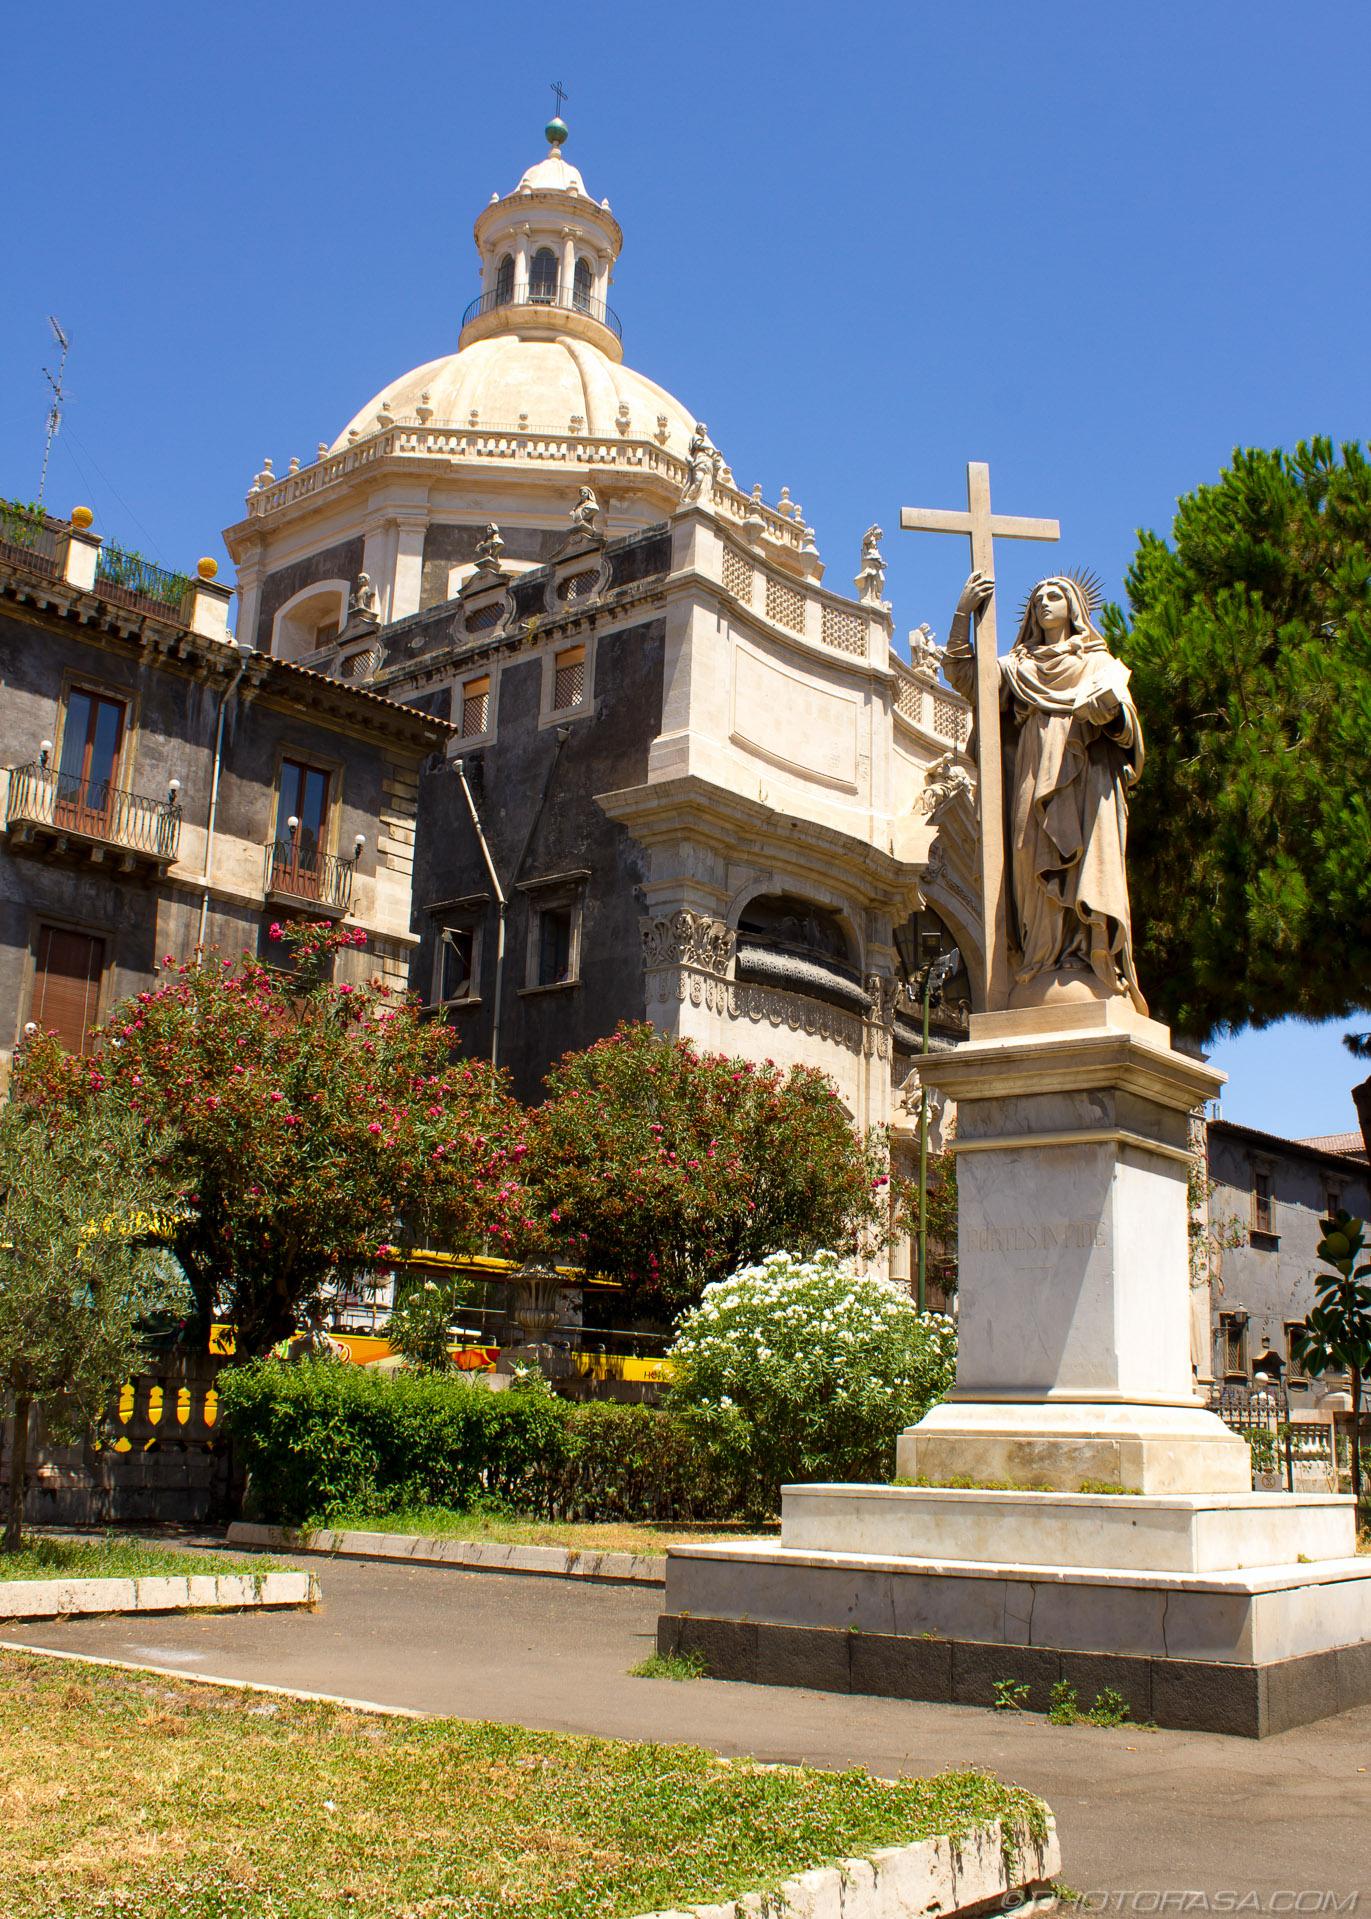 http://photorasa.com/places/catania/attachment/catania-statue/